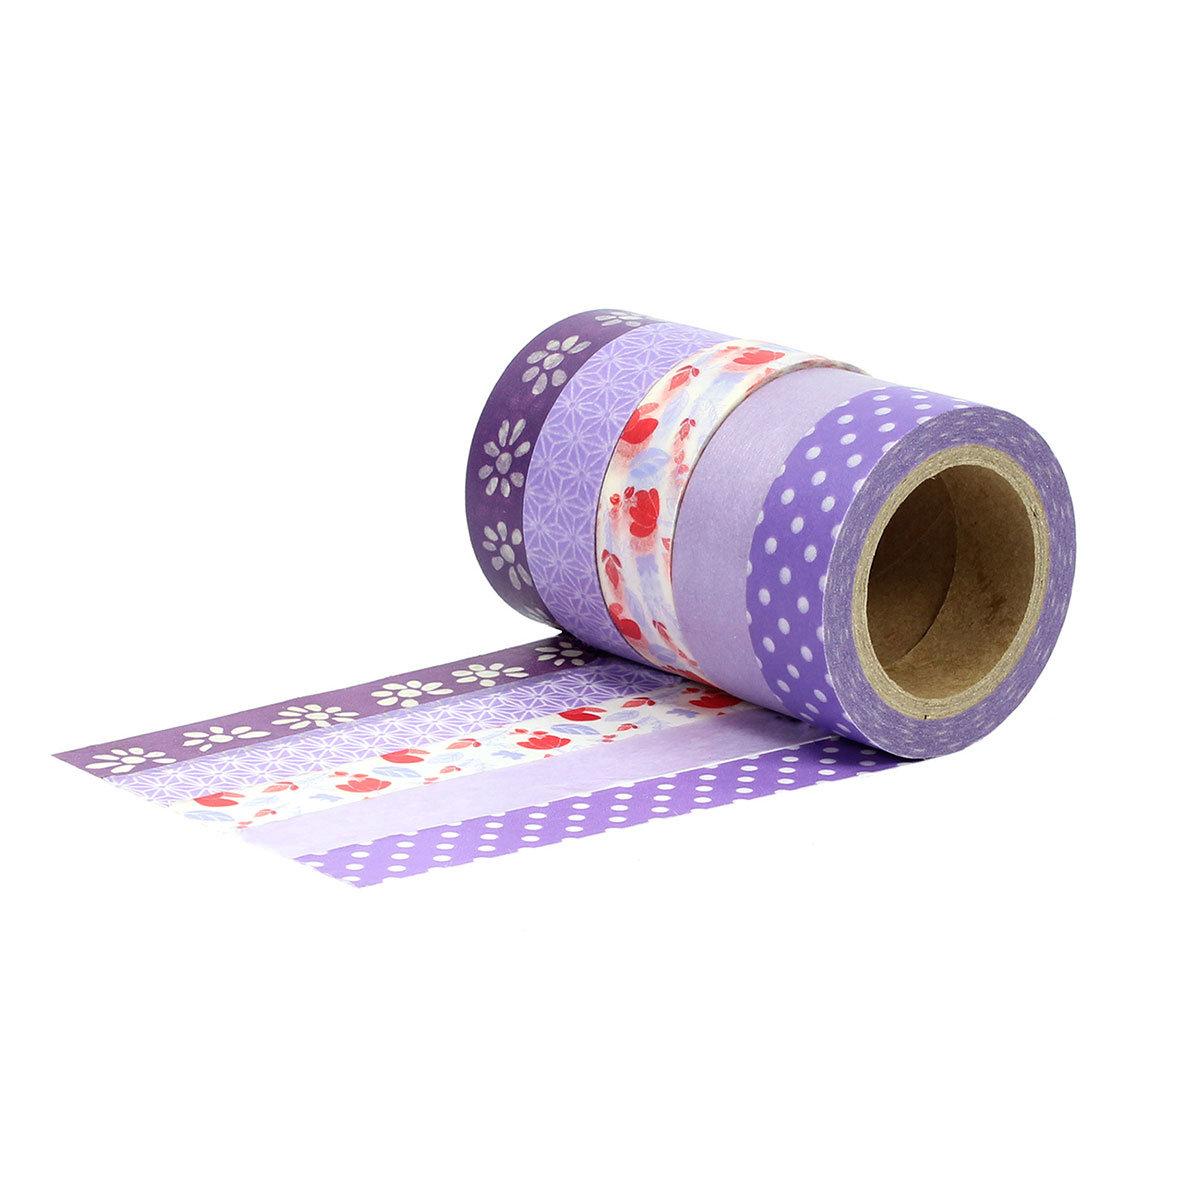 washi tape set 7 mit 5 rollen lila masking tape zum bekleben und verzieren von geschenken. Black Bedroom Furniture Sets. Home Design Ideas